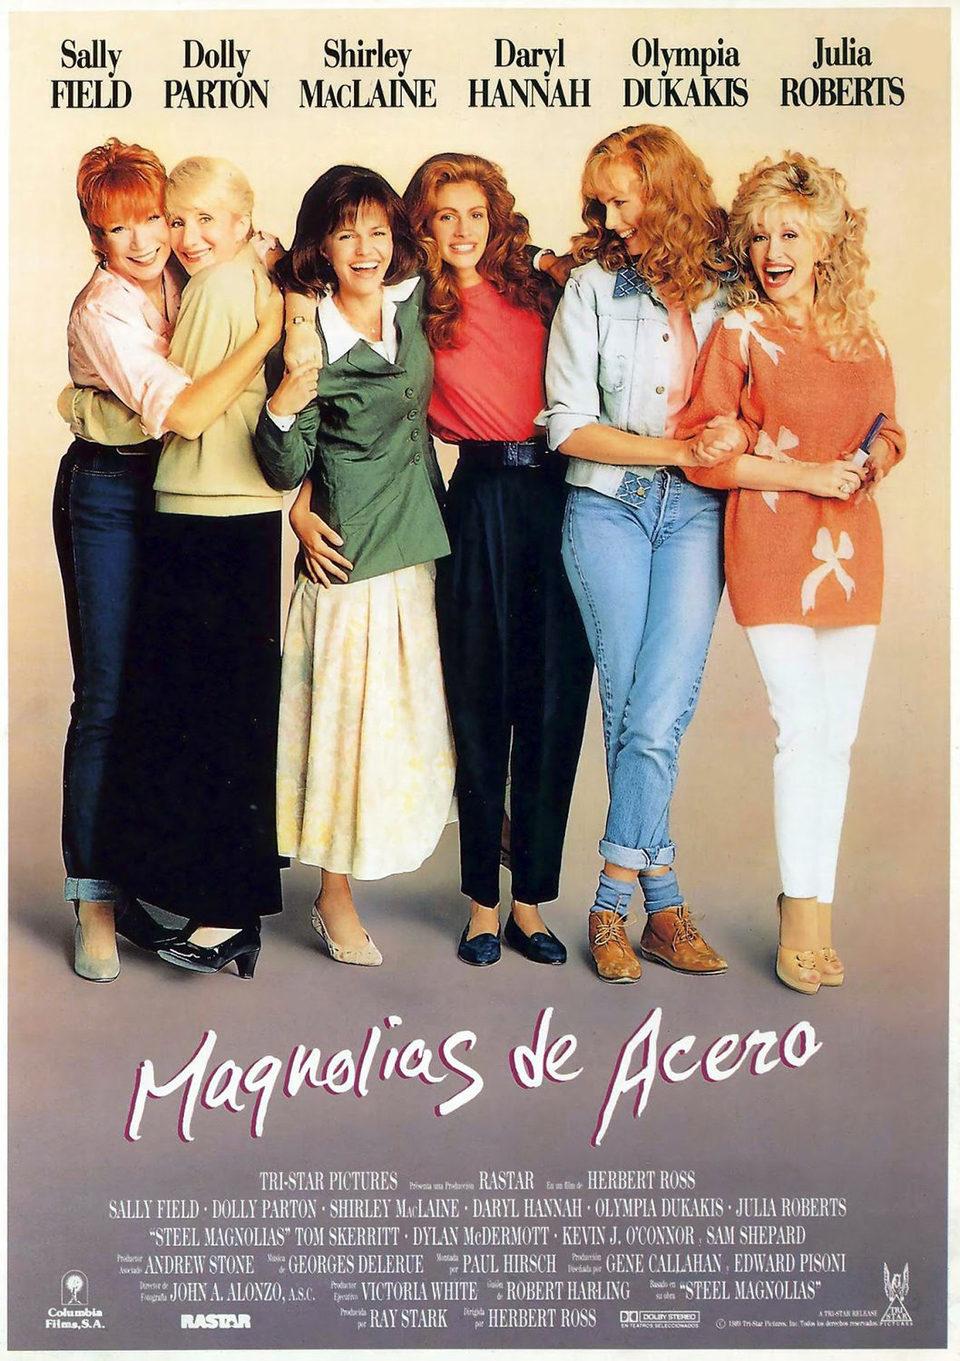 Cartel España de 'Magnolias de acero'